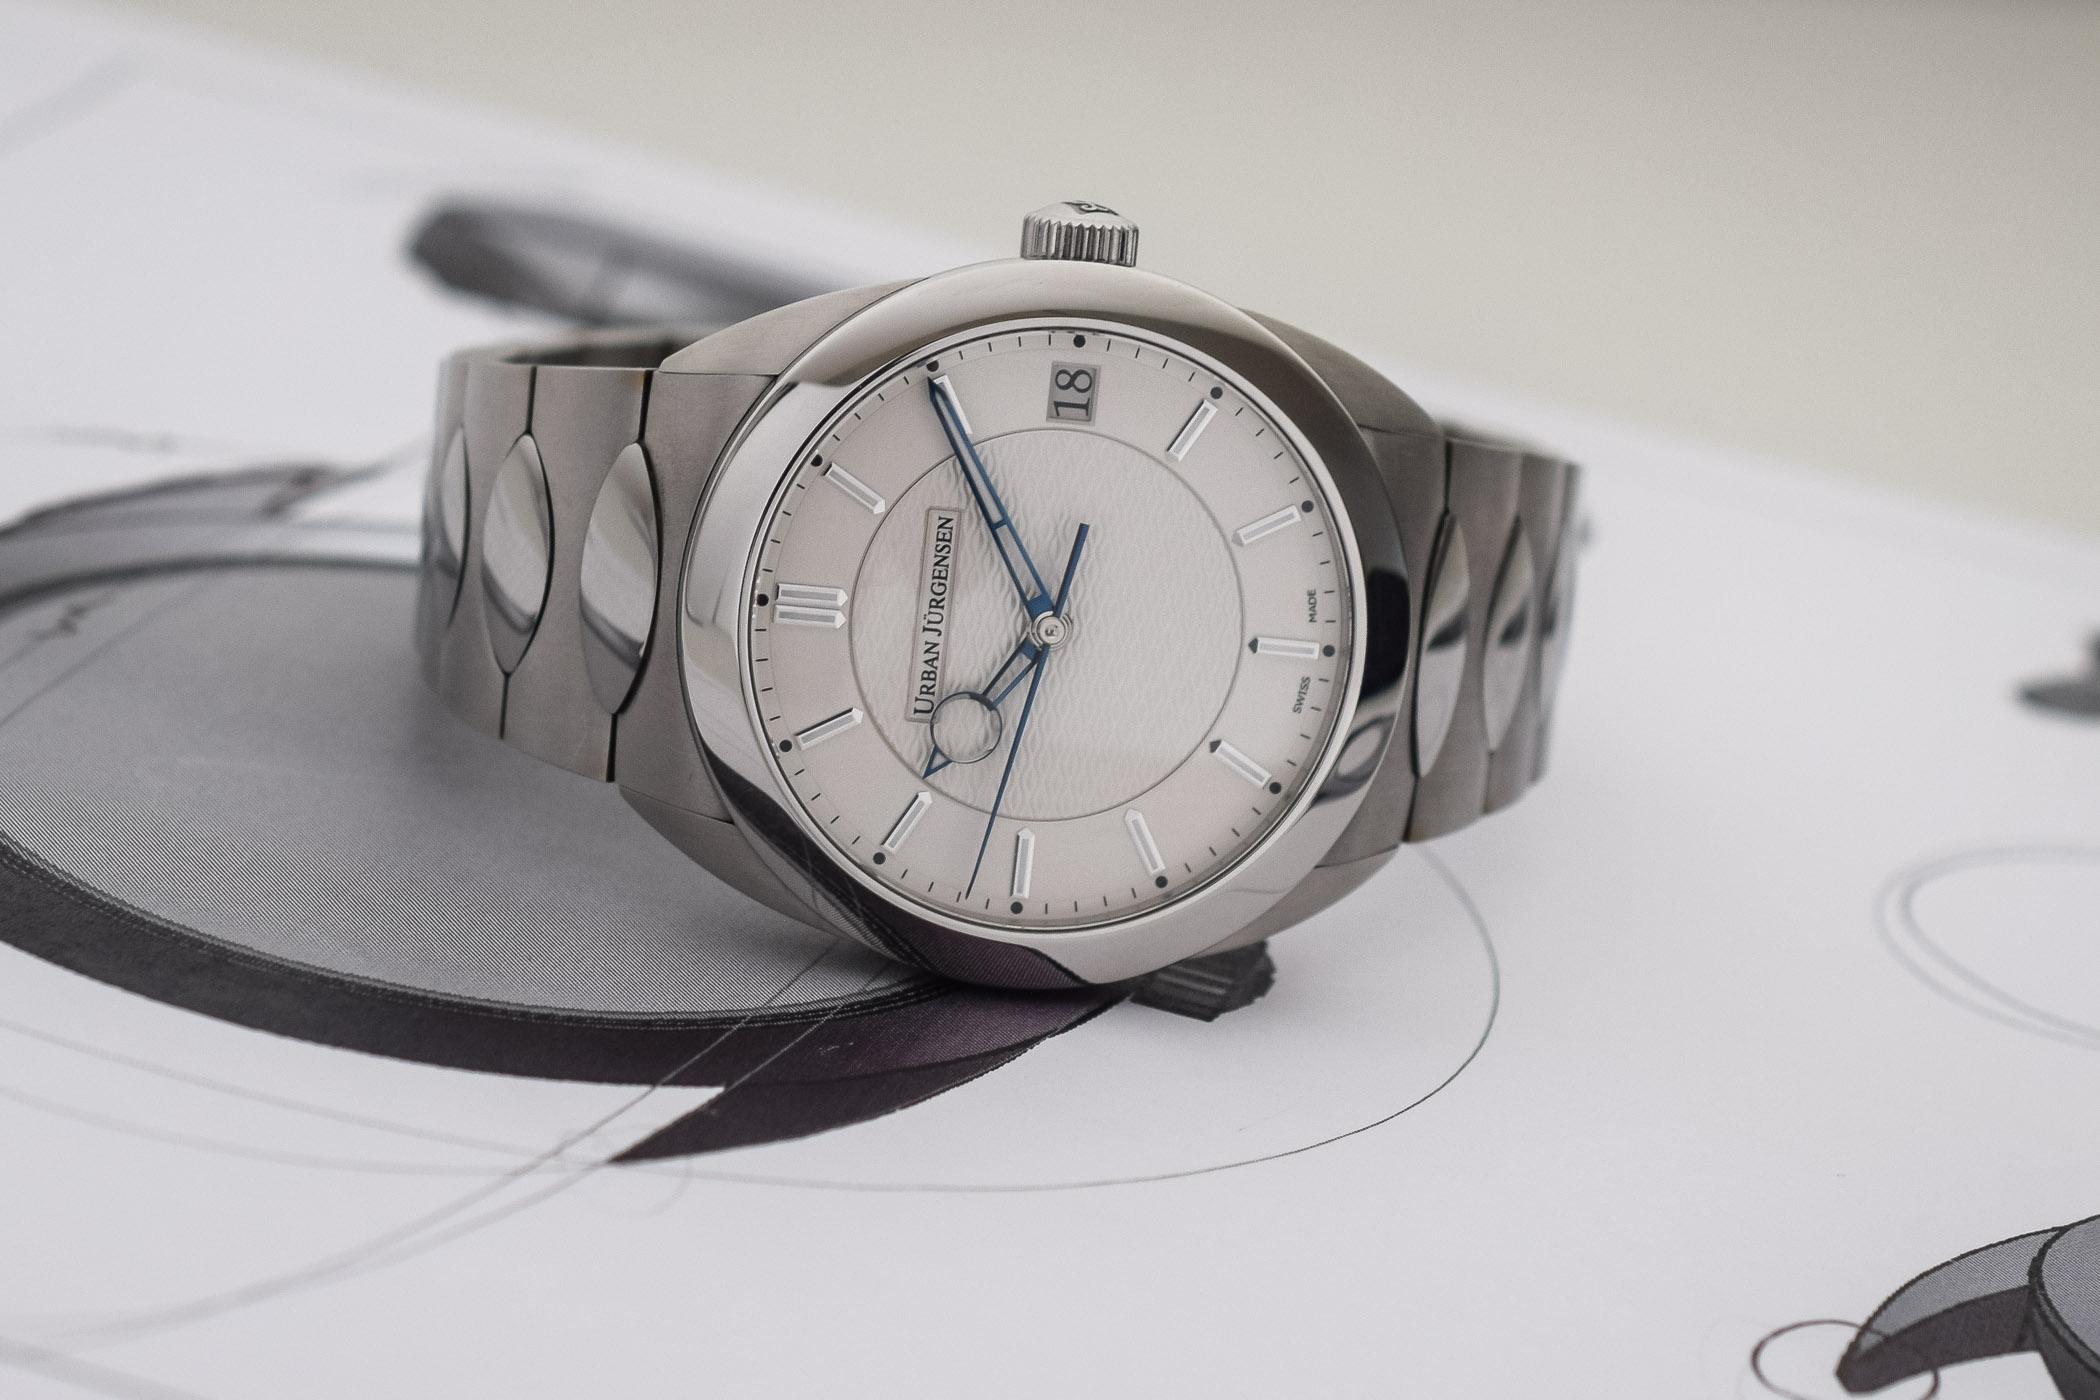 Urban Jurgensen First Luxury Sports Watch - Jurgensen One Collection - 15